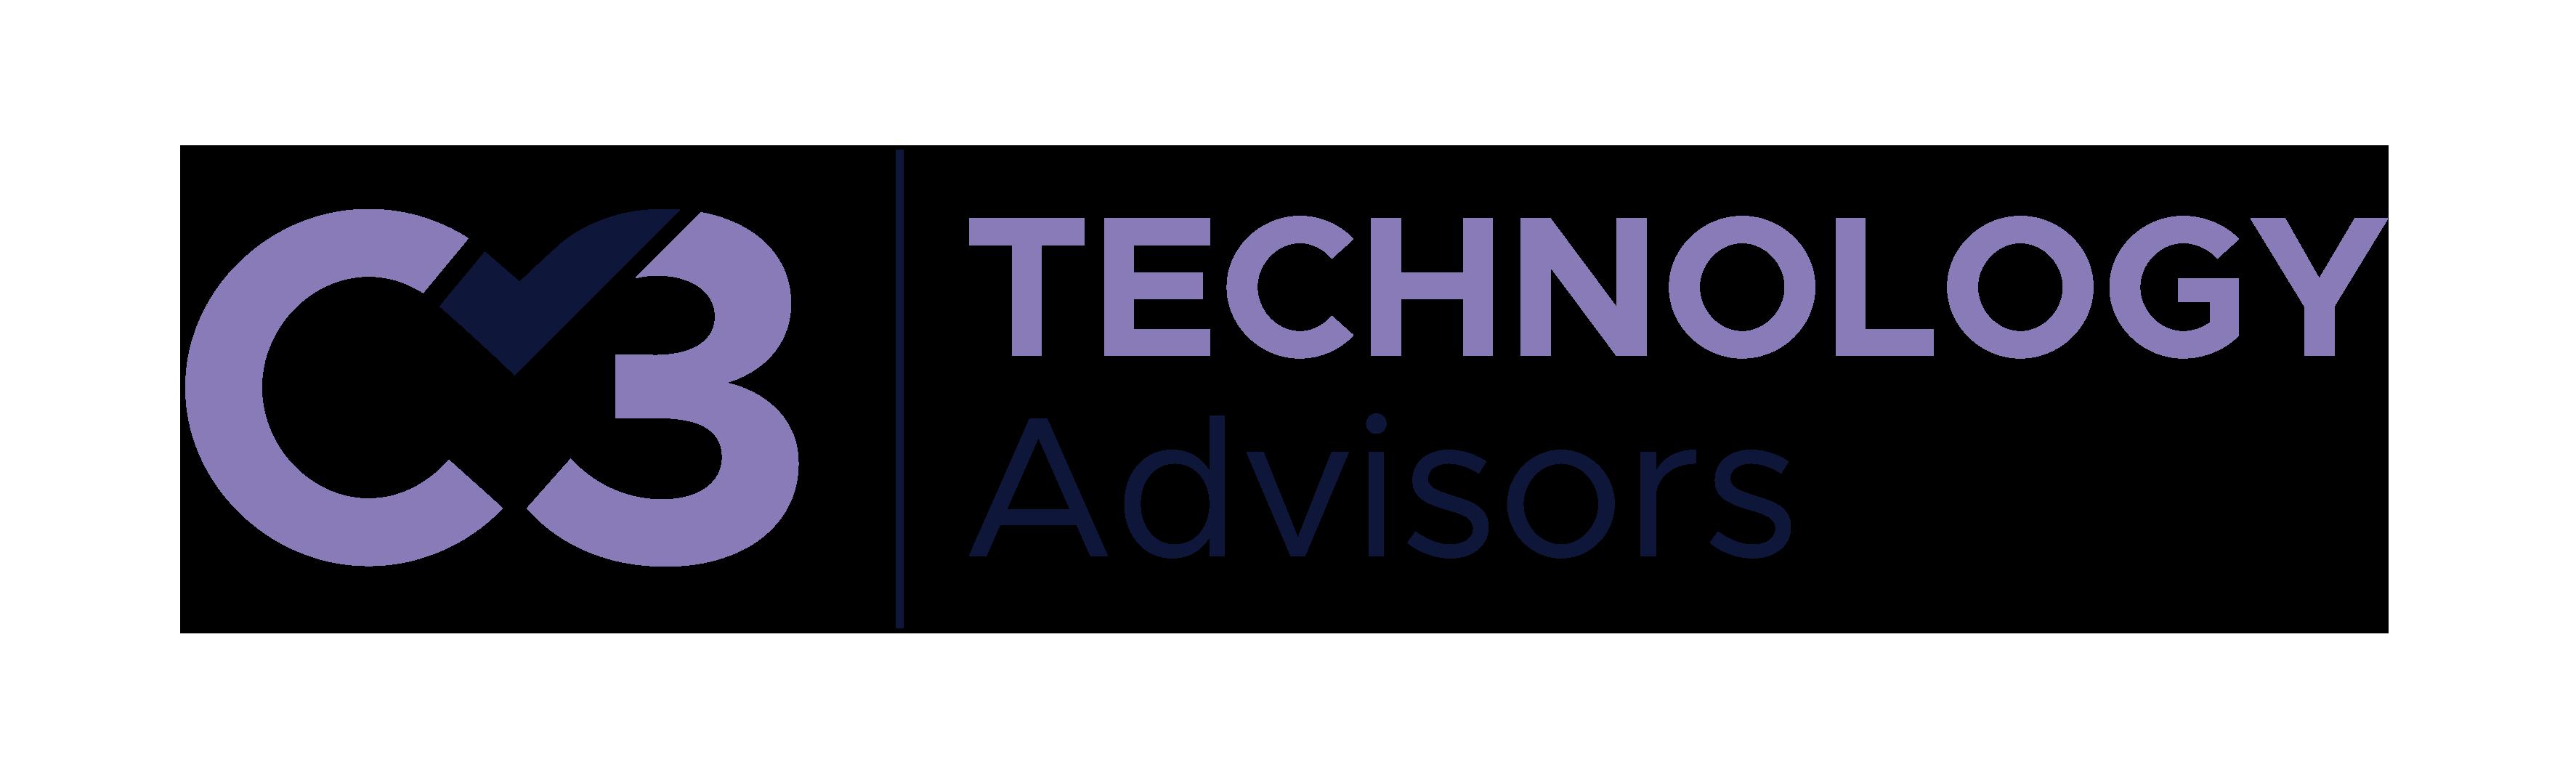 C3 Technology Advisors logo